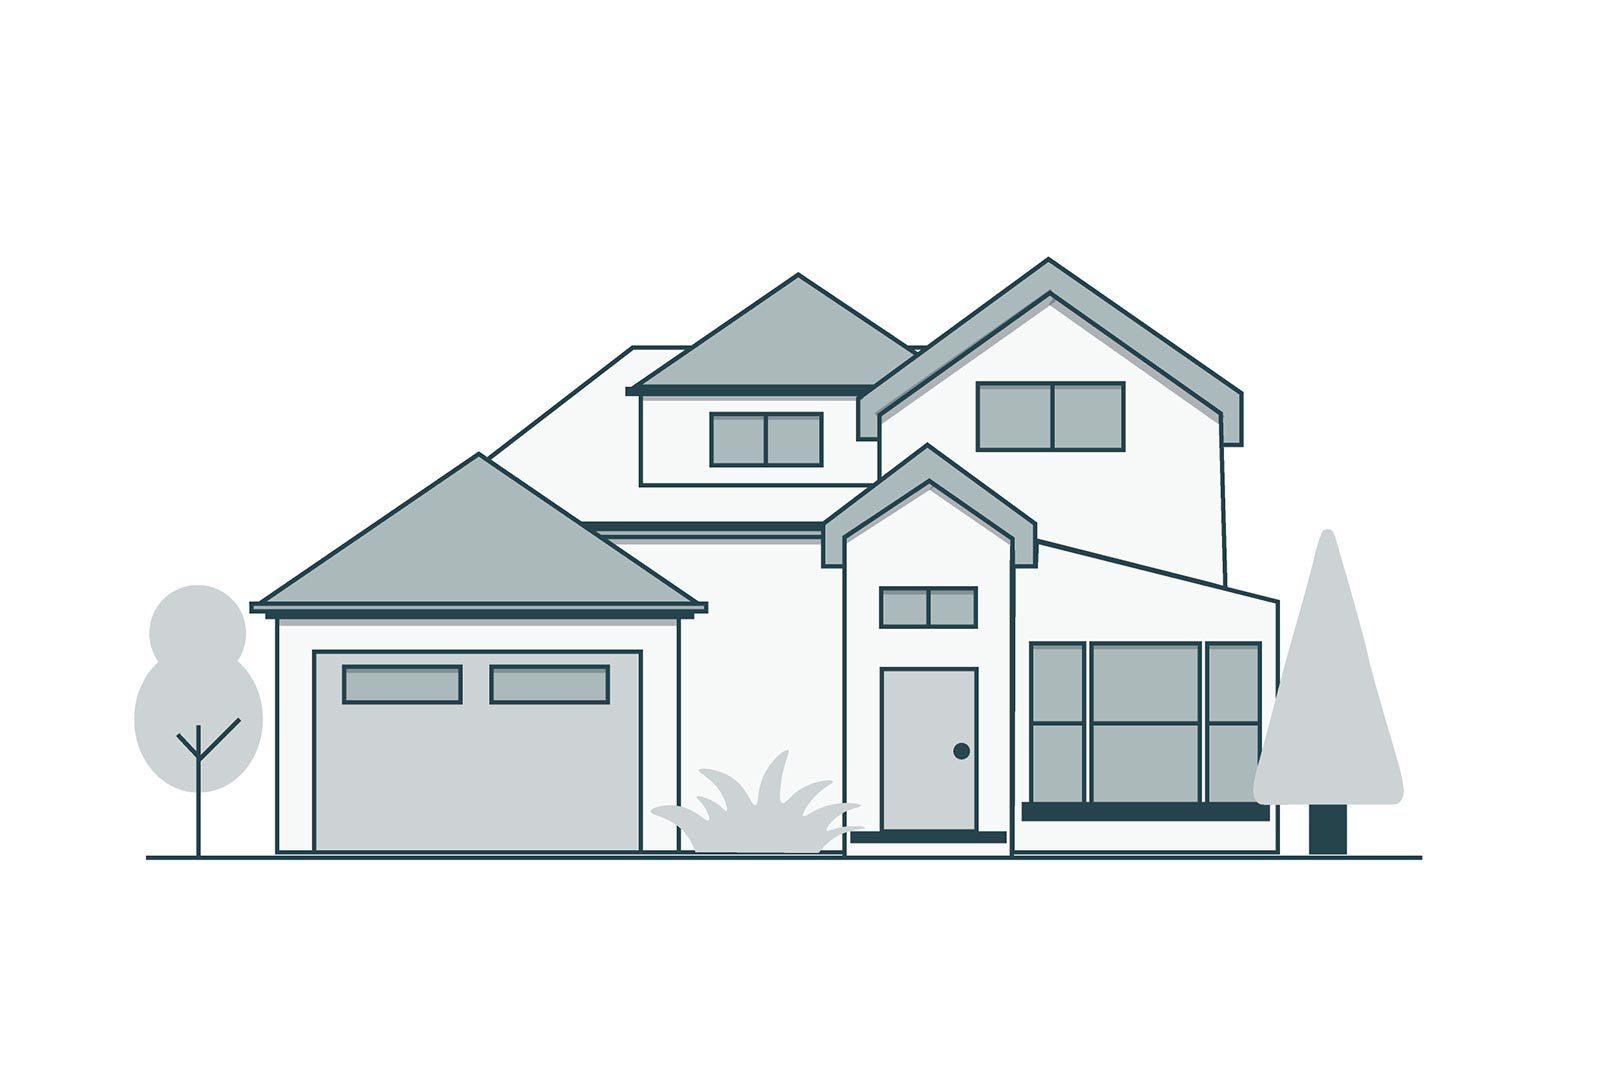 260 Yerba Buena Ave San Francisco, CA 94127